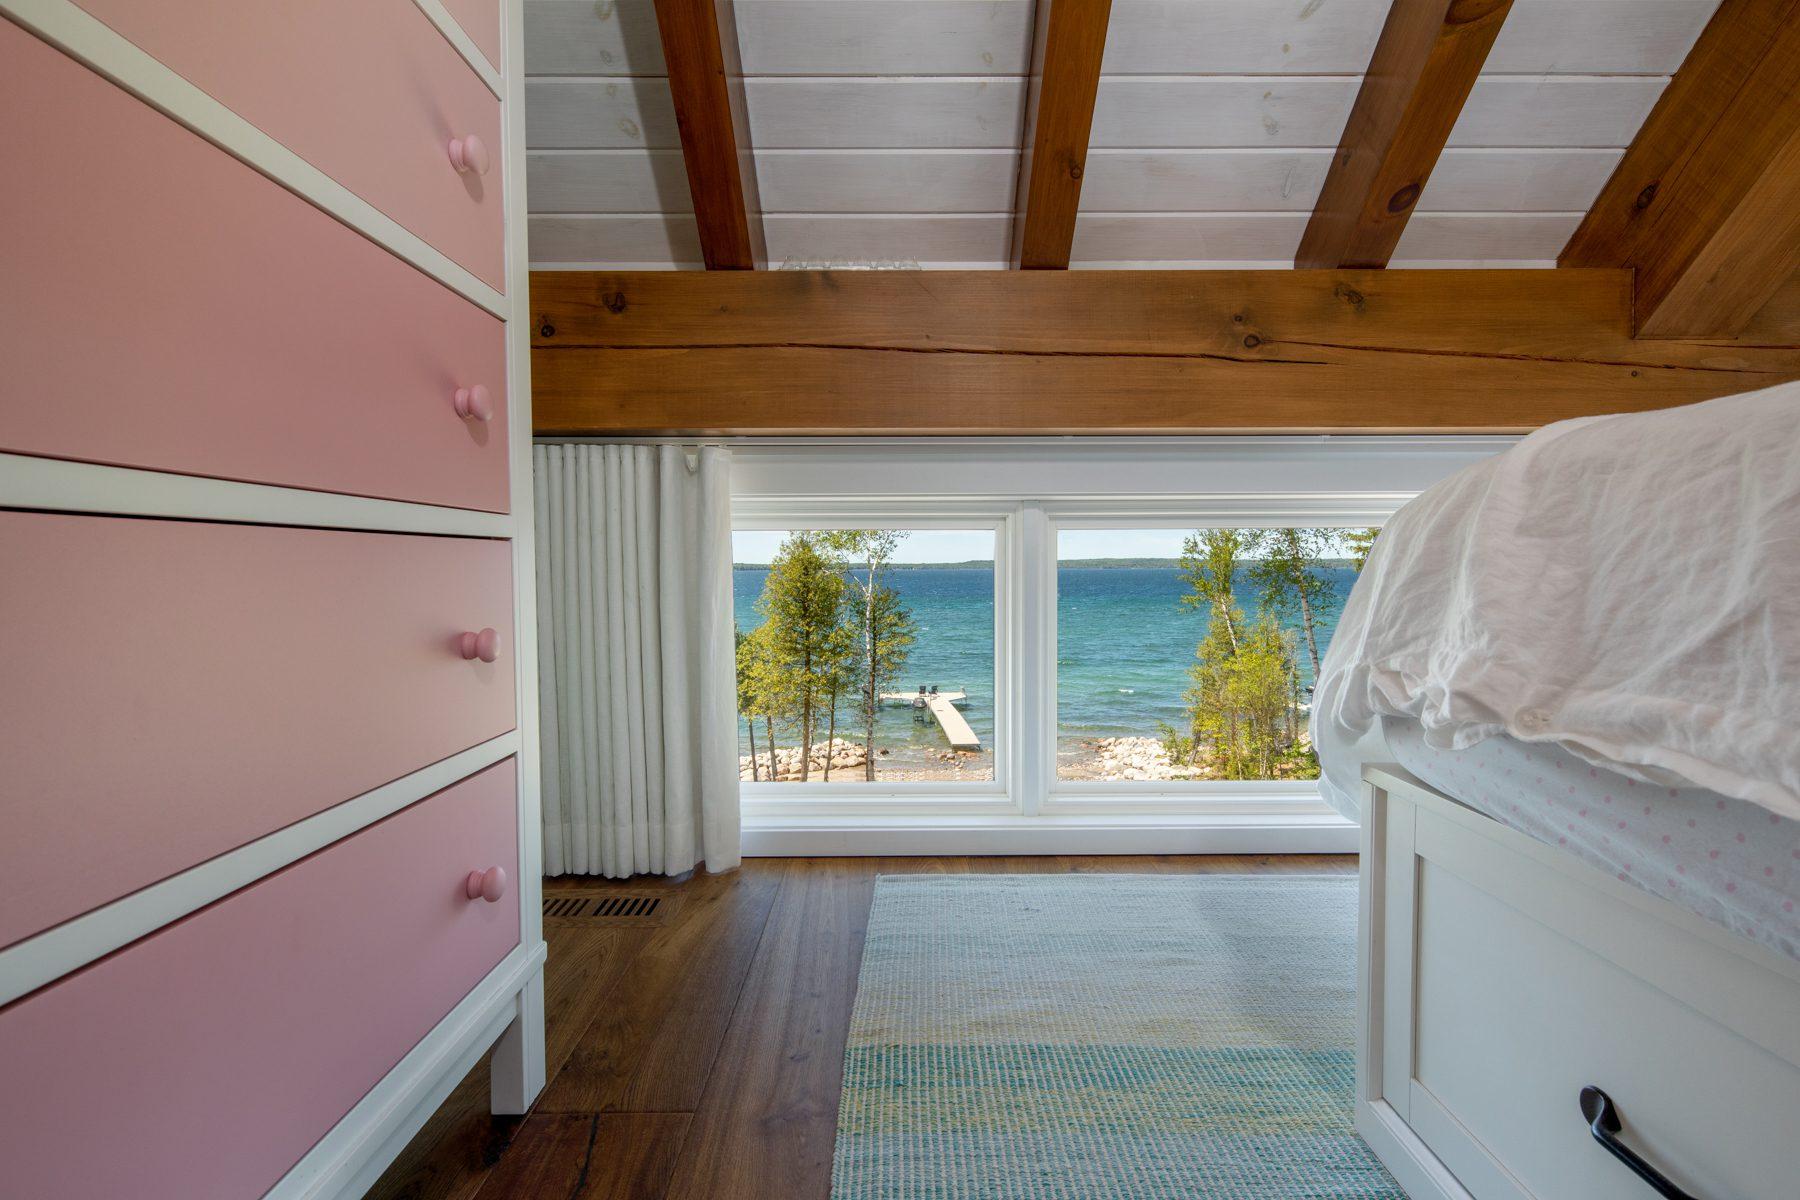 Normerica-Timber-Homes-Timber-Frame-Portfolio-Beachside-Bliss-Interior-Girl-Bedroom-Loft-Windows-in-Eaves